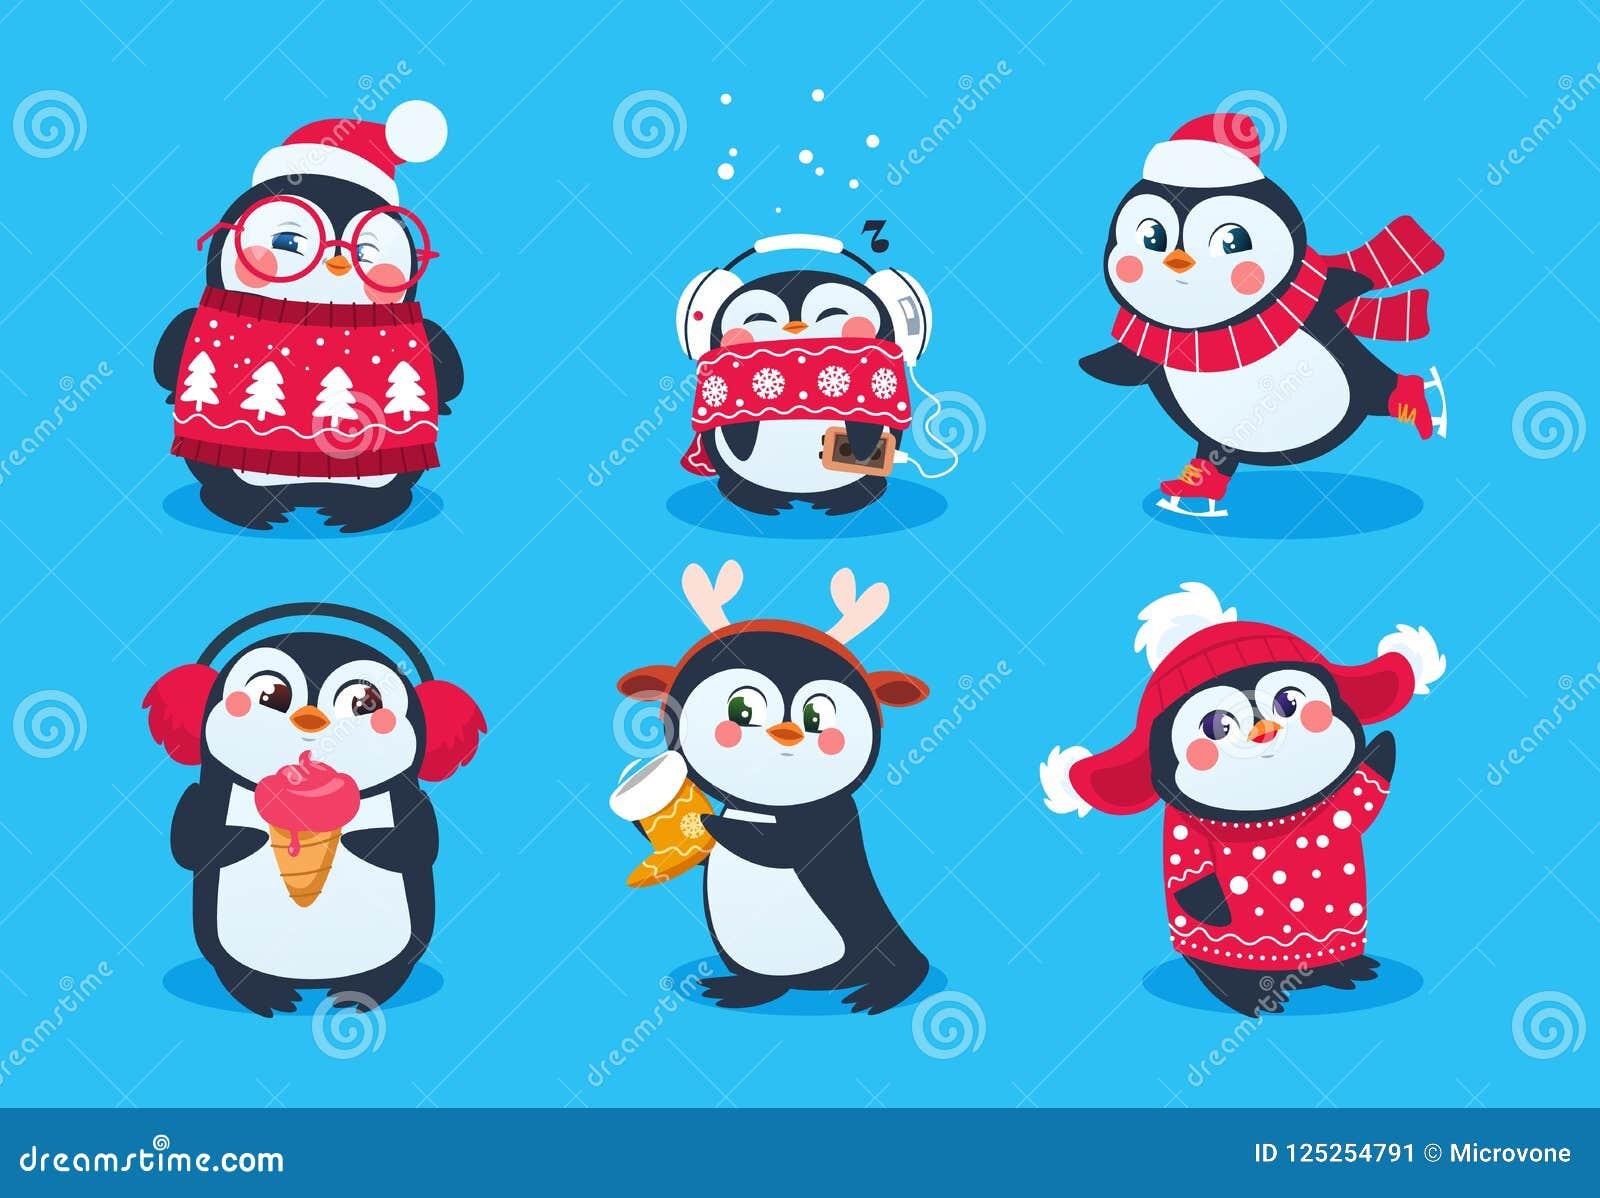 Пингвин рождества Смешные животные снега, милые персонажи из мультфильма пингвинов младенца в шляпе зимы Изолированный комплект в